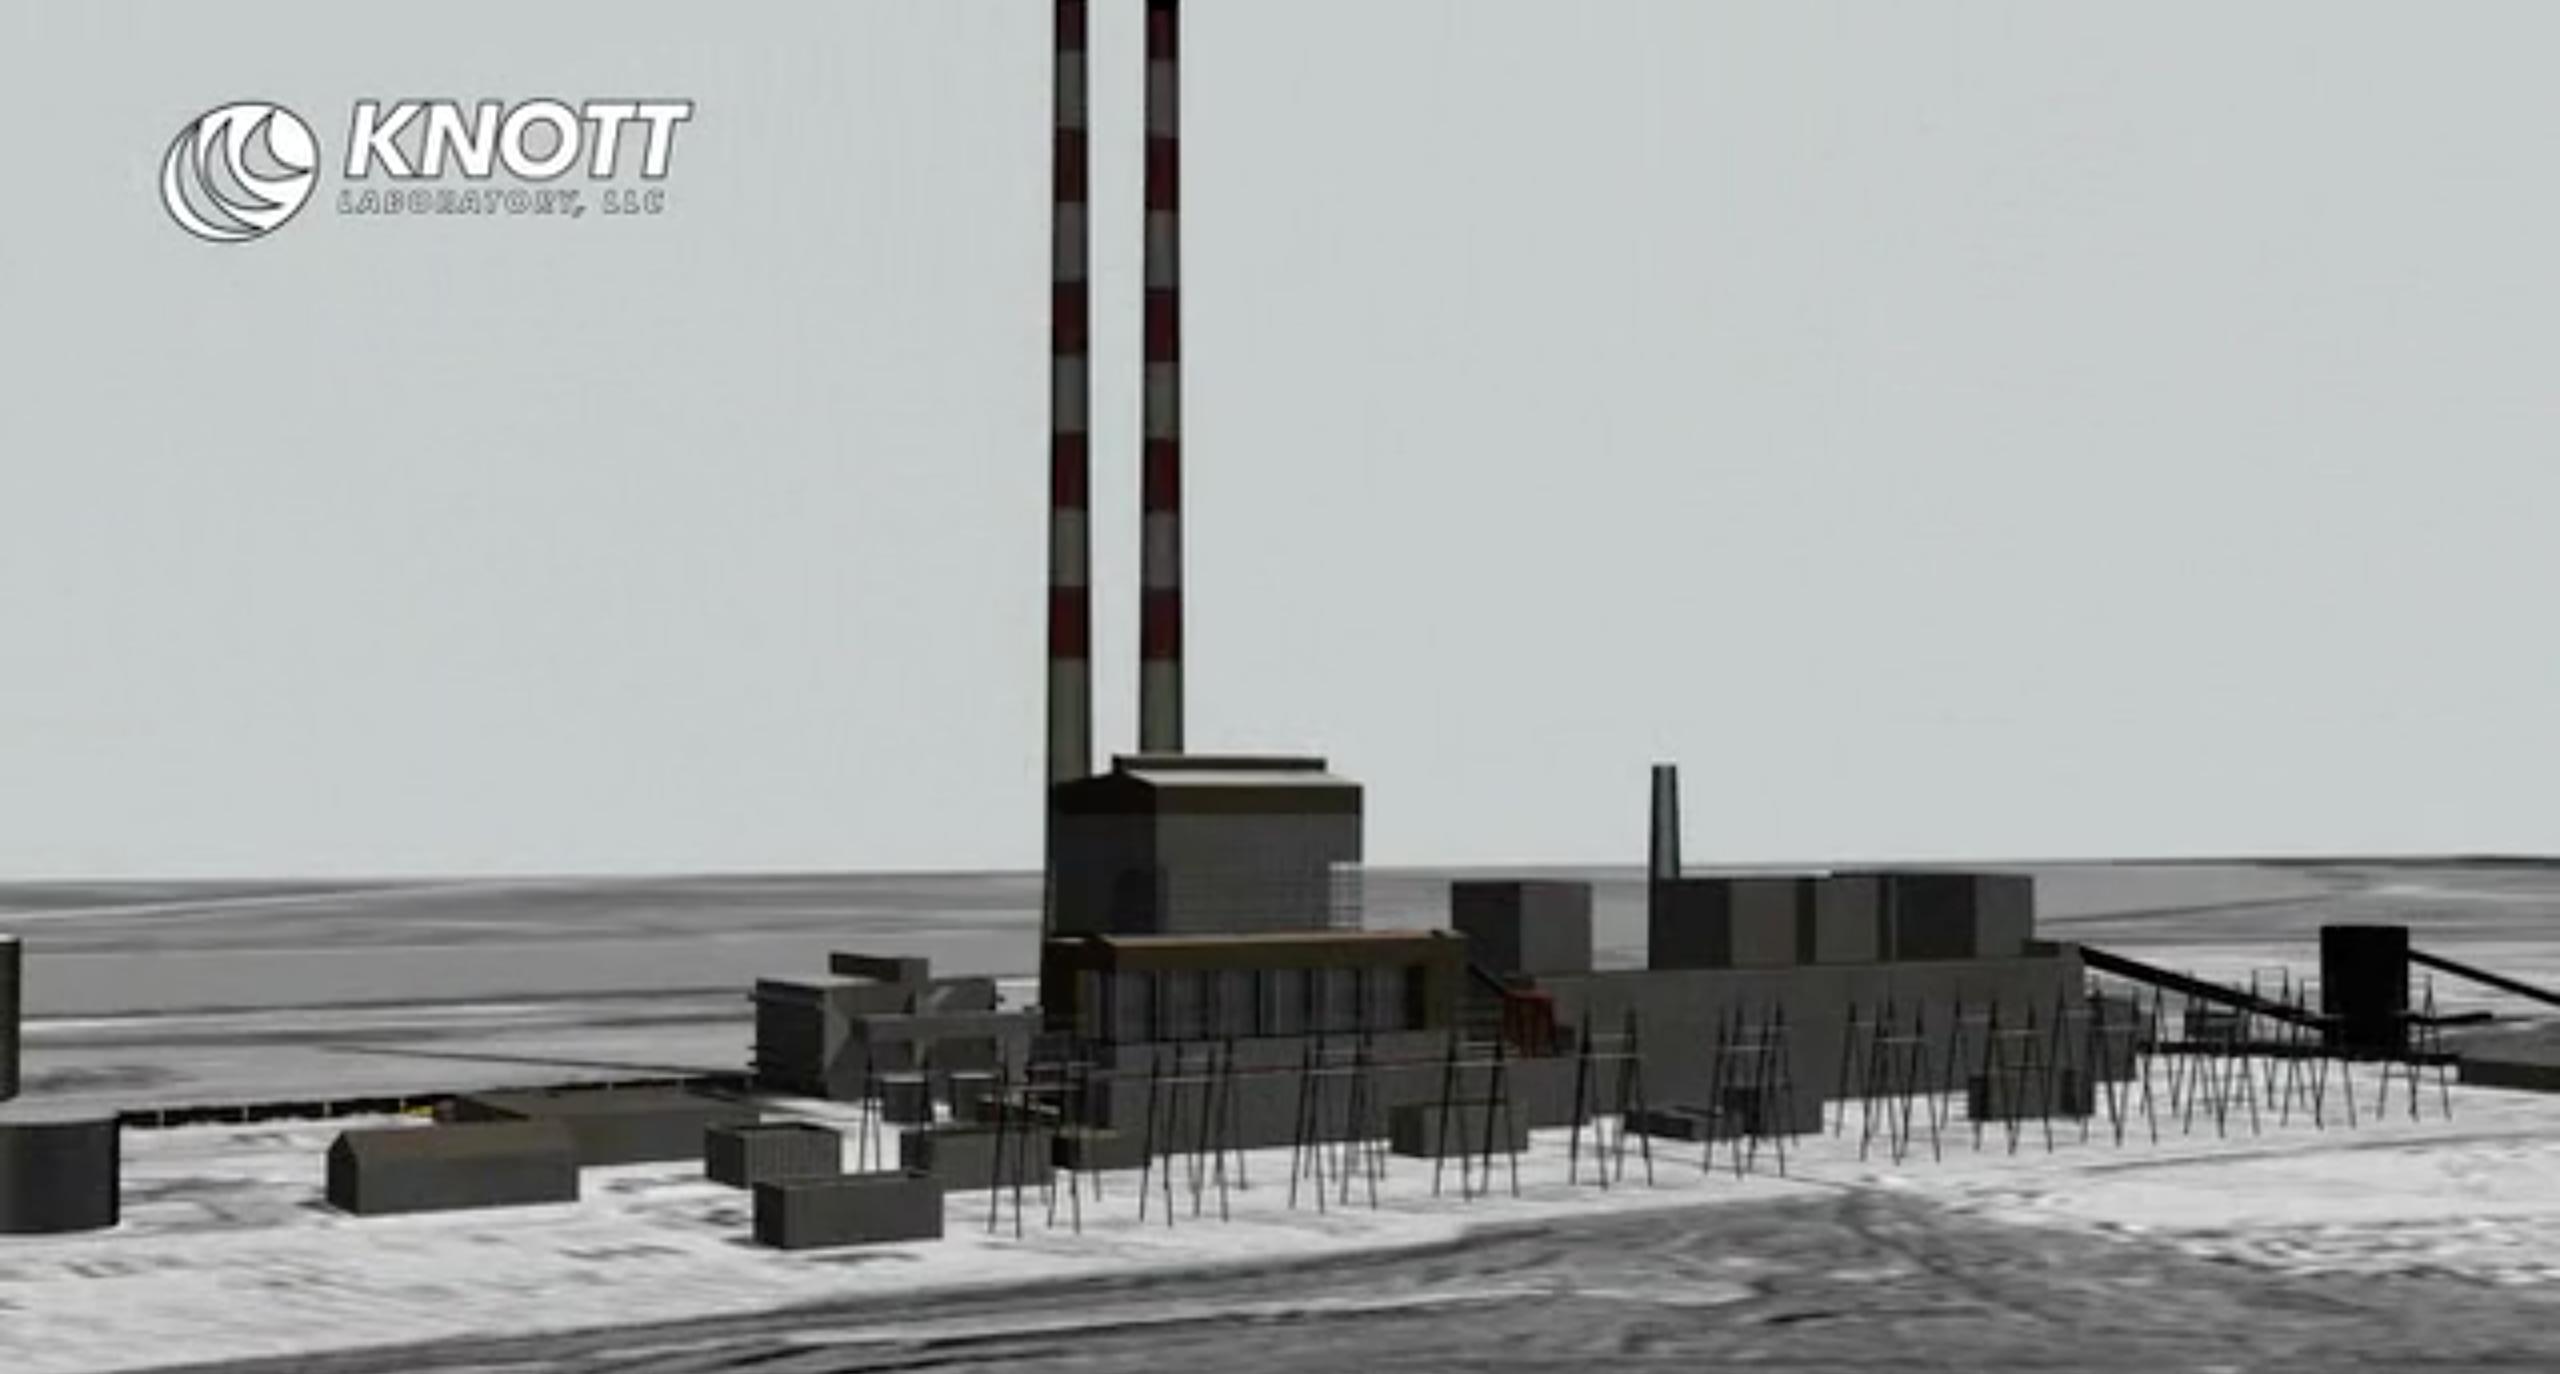 Knott Laboratory